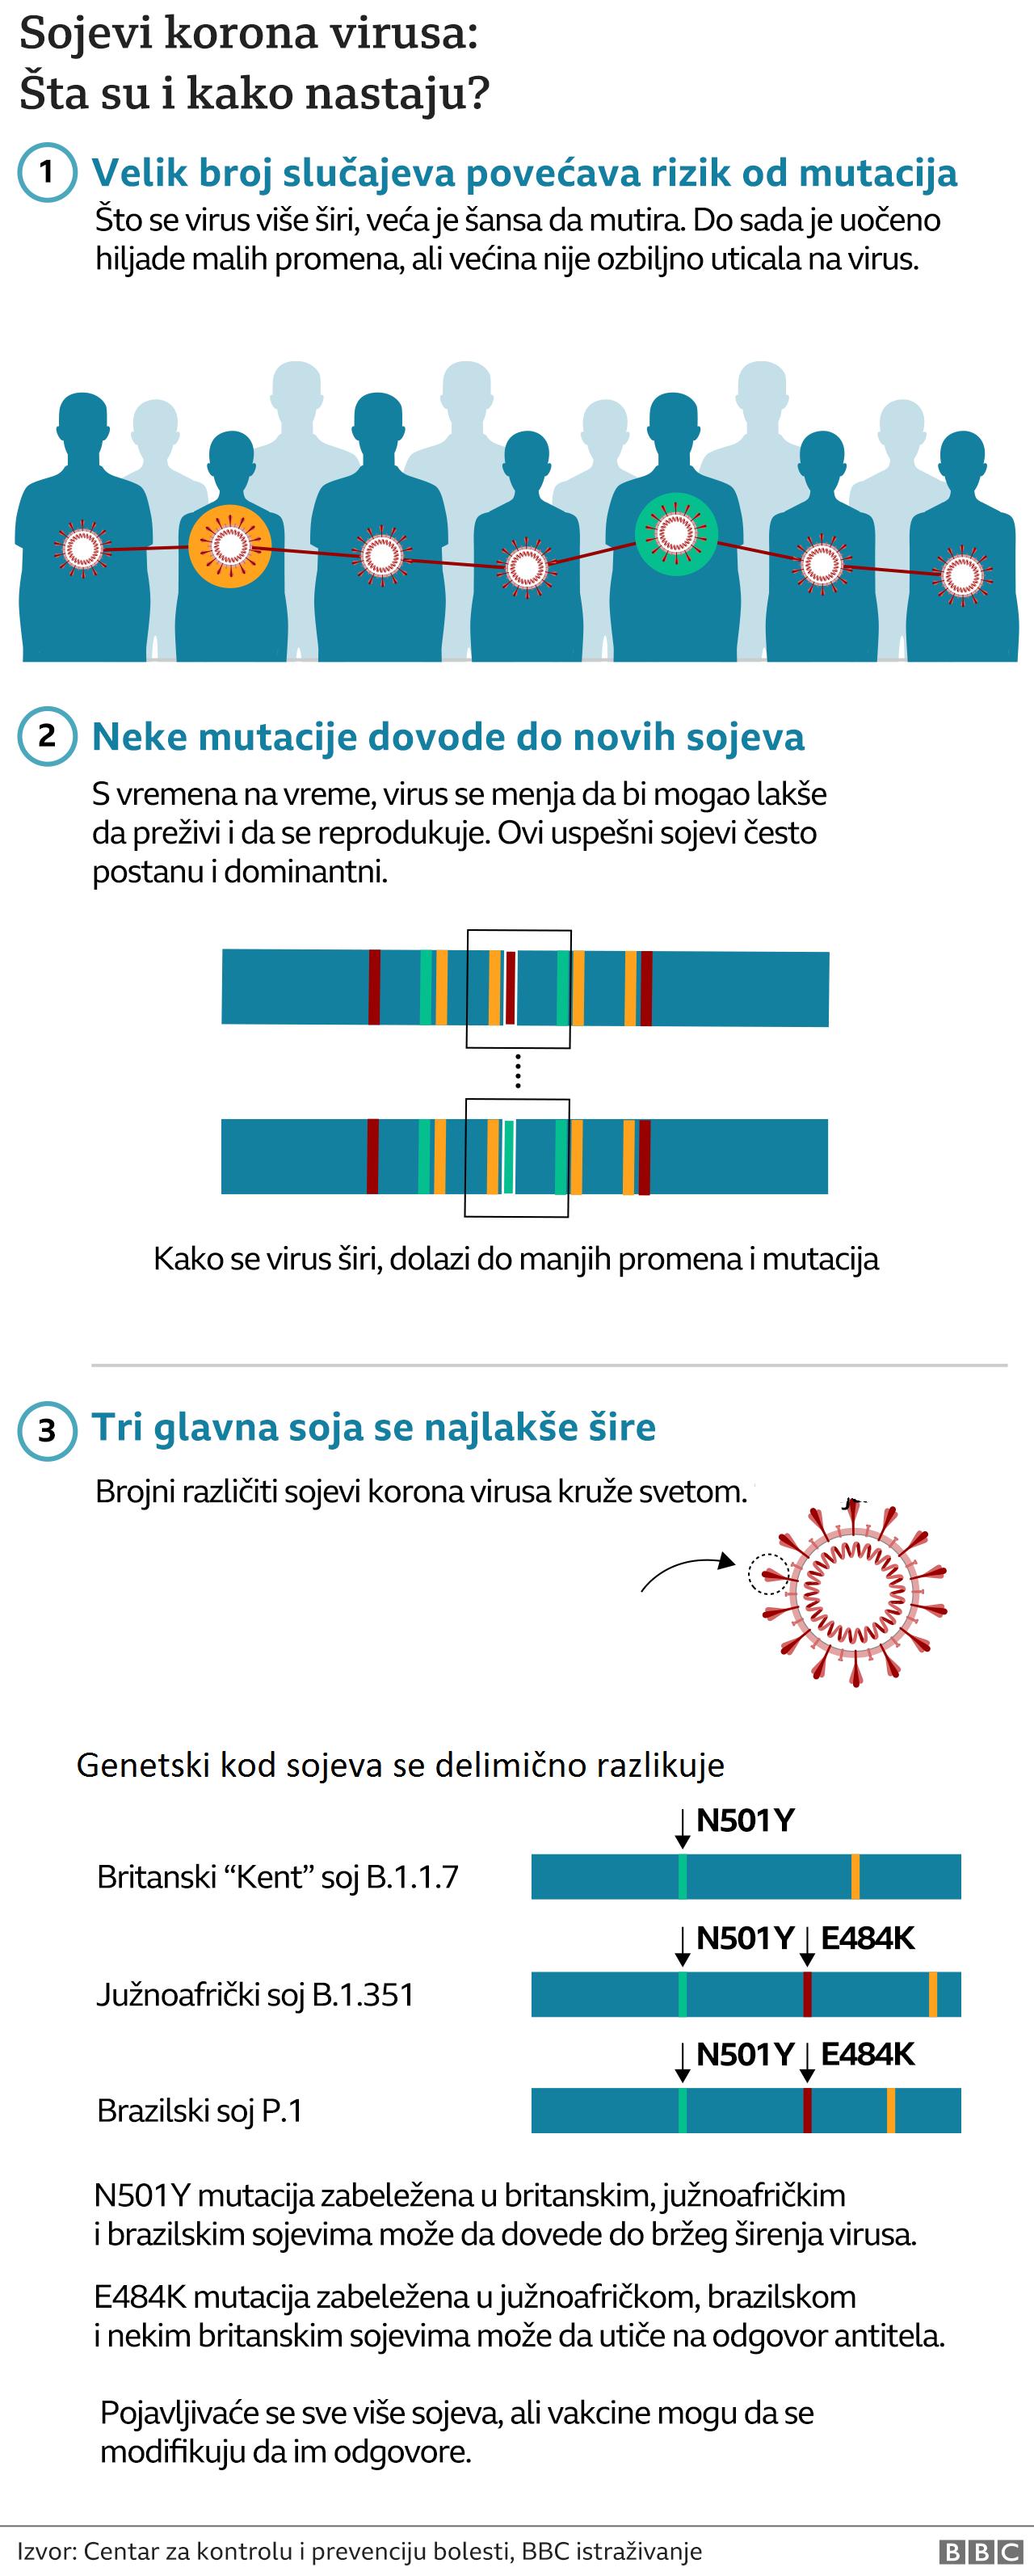 Korona virus: Još 16 umrlo u Srbiji, novi skok broja zaraženih, brazilski soj virusa u Britaniji razlog za novu brigu